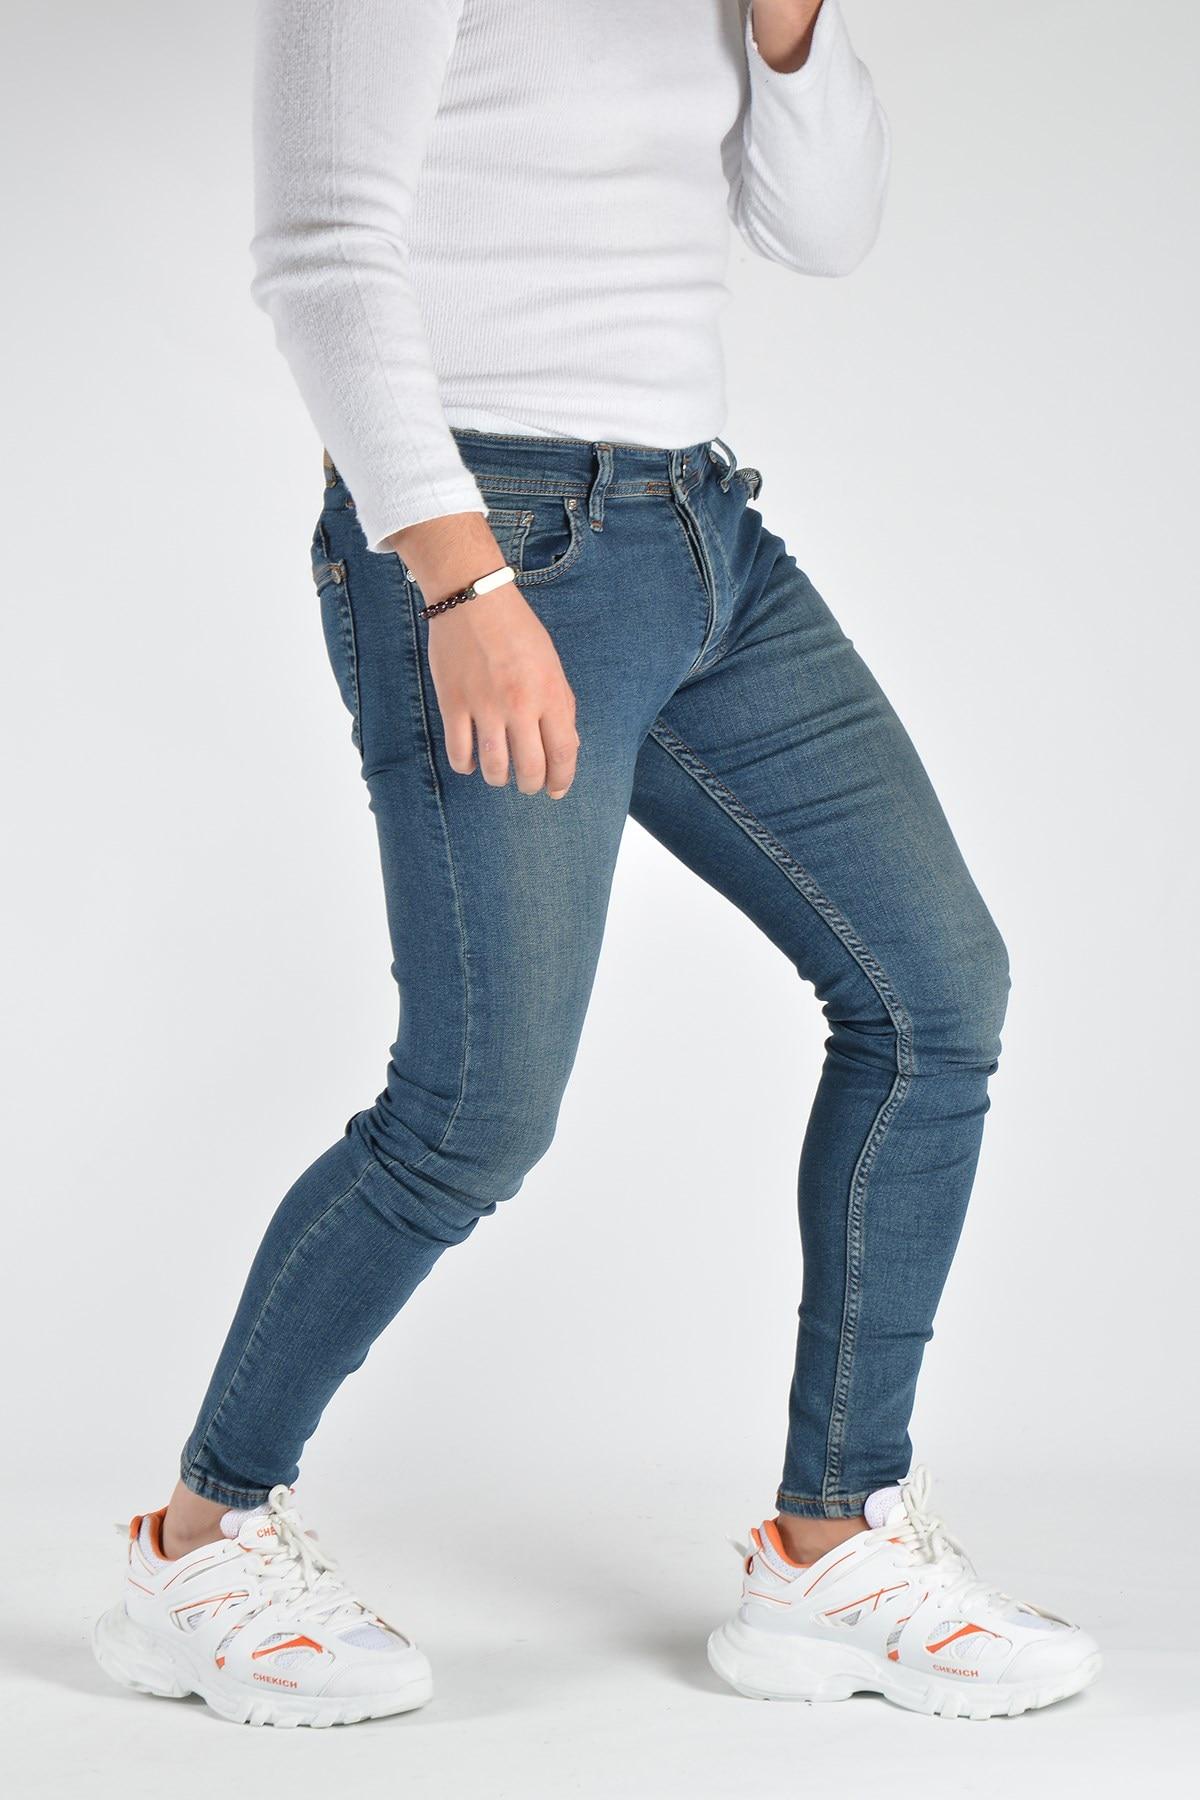 Мужские облегающие джинсовые брюки 20K-2100459 темно-синие